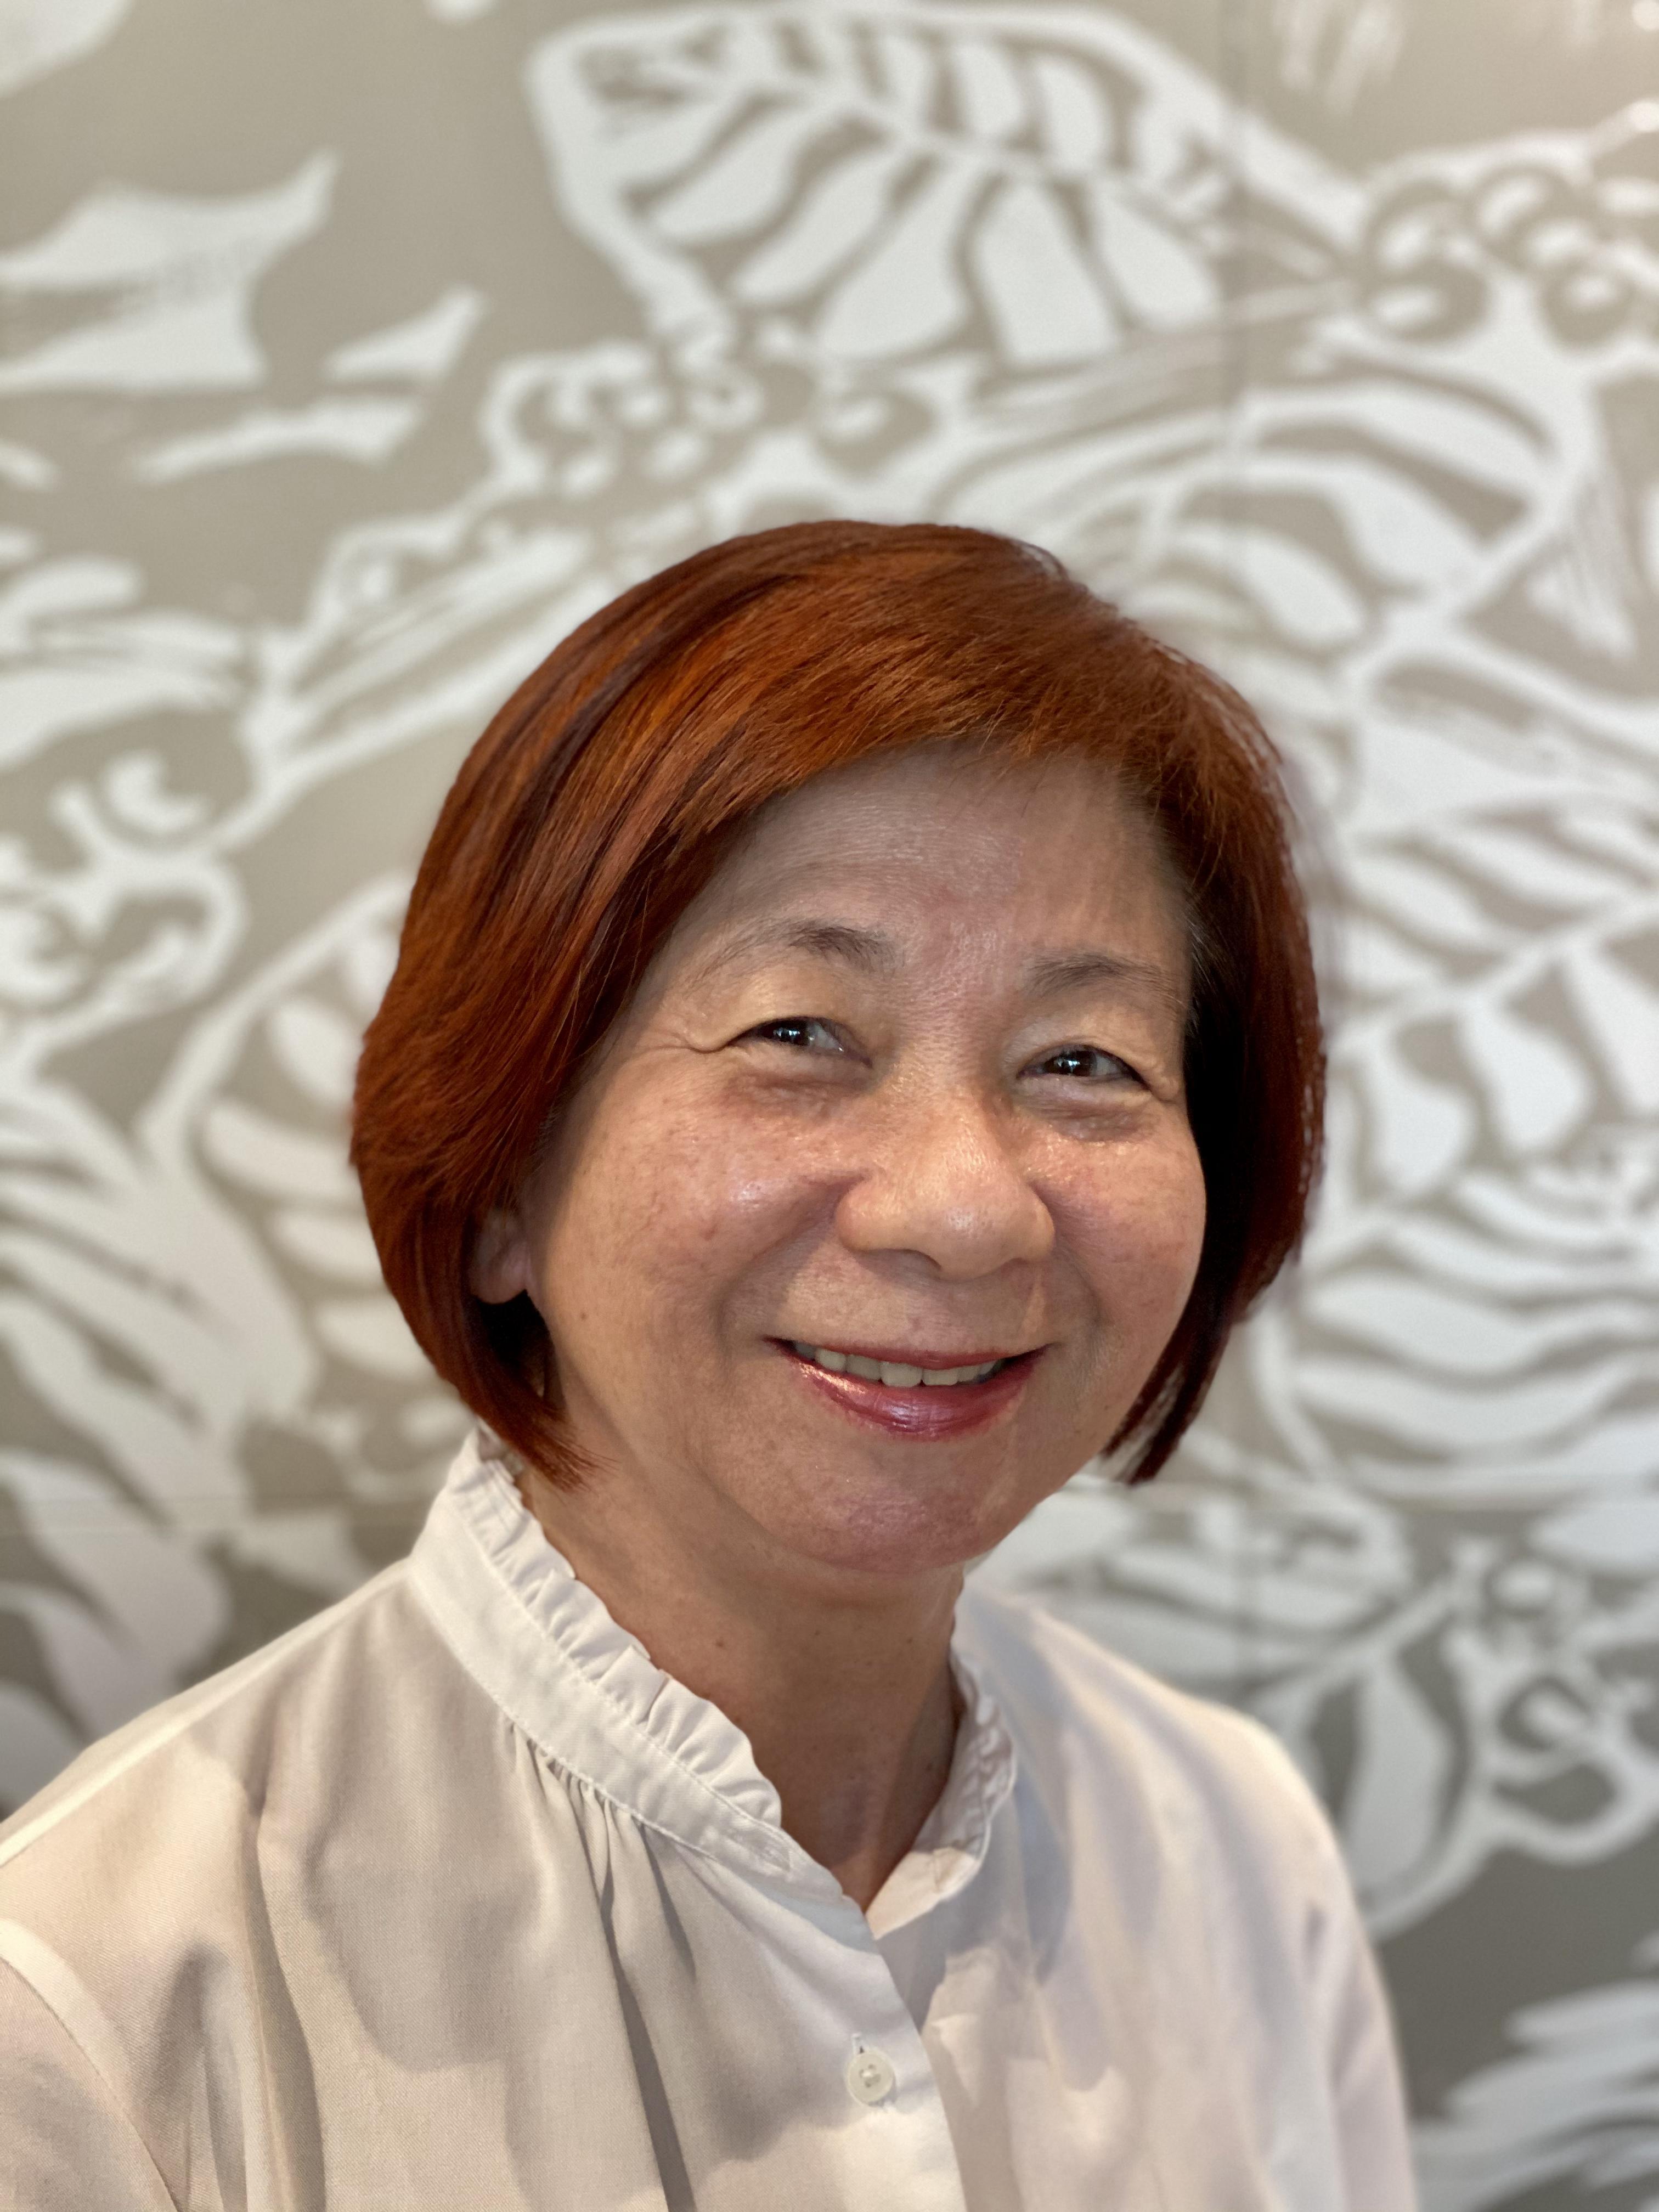 Mabel Sim, Senior Counsellor